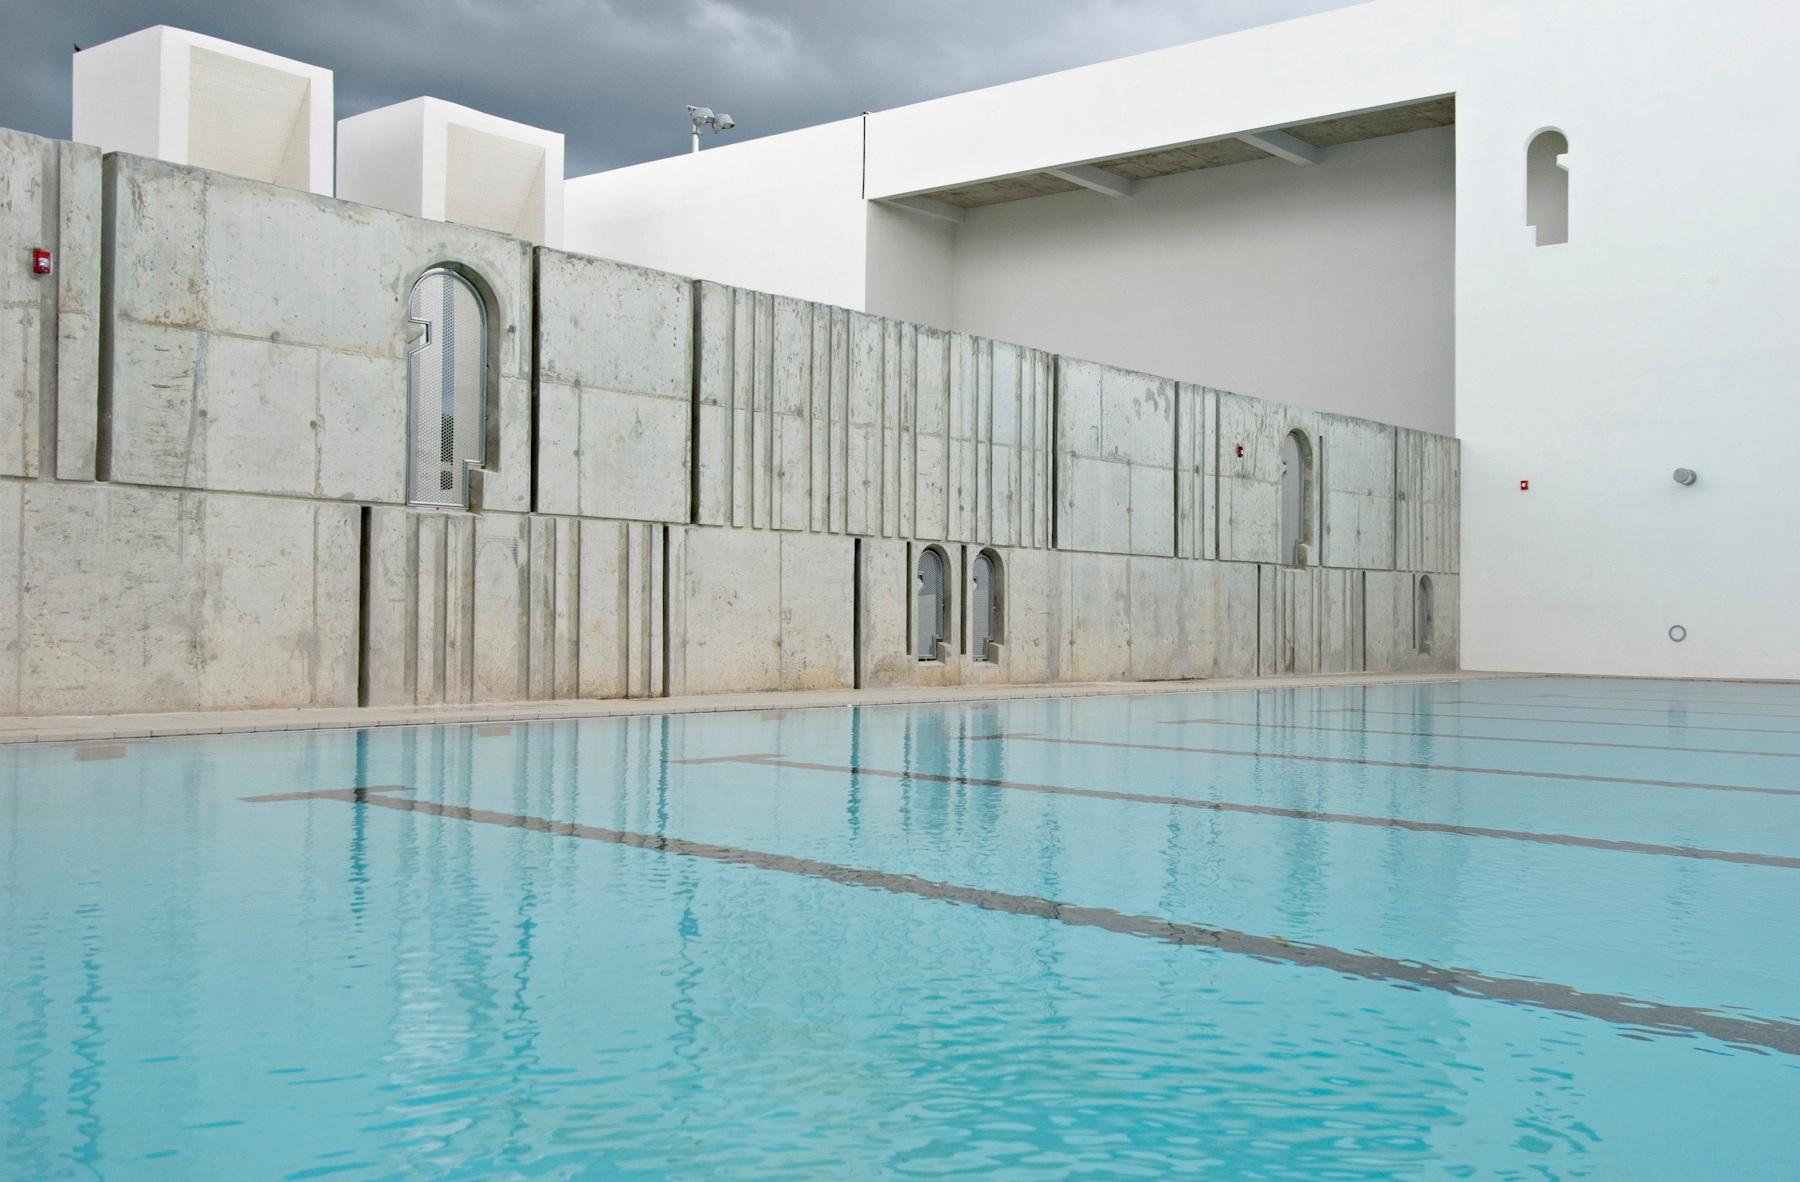 2detalle+piscina+torres.jpg